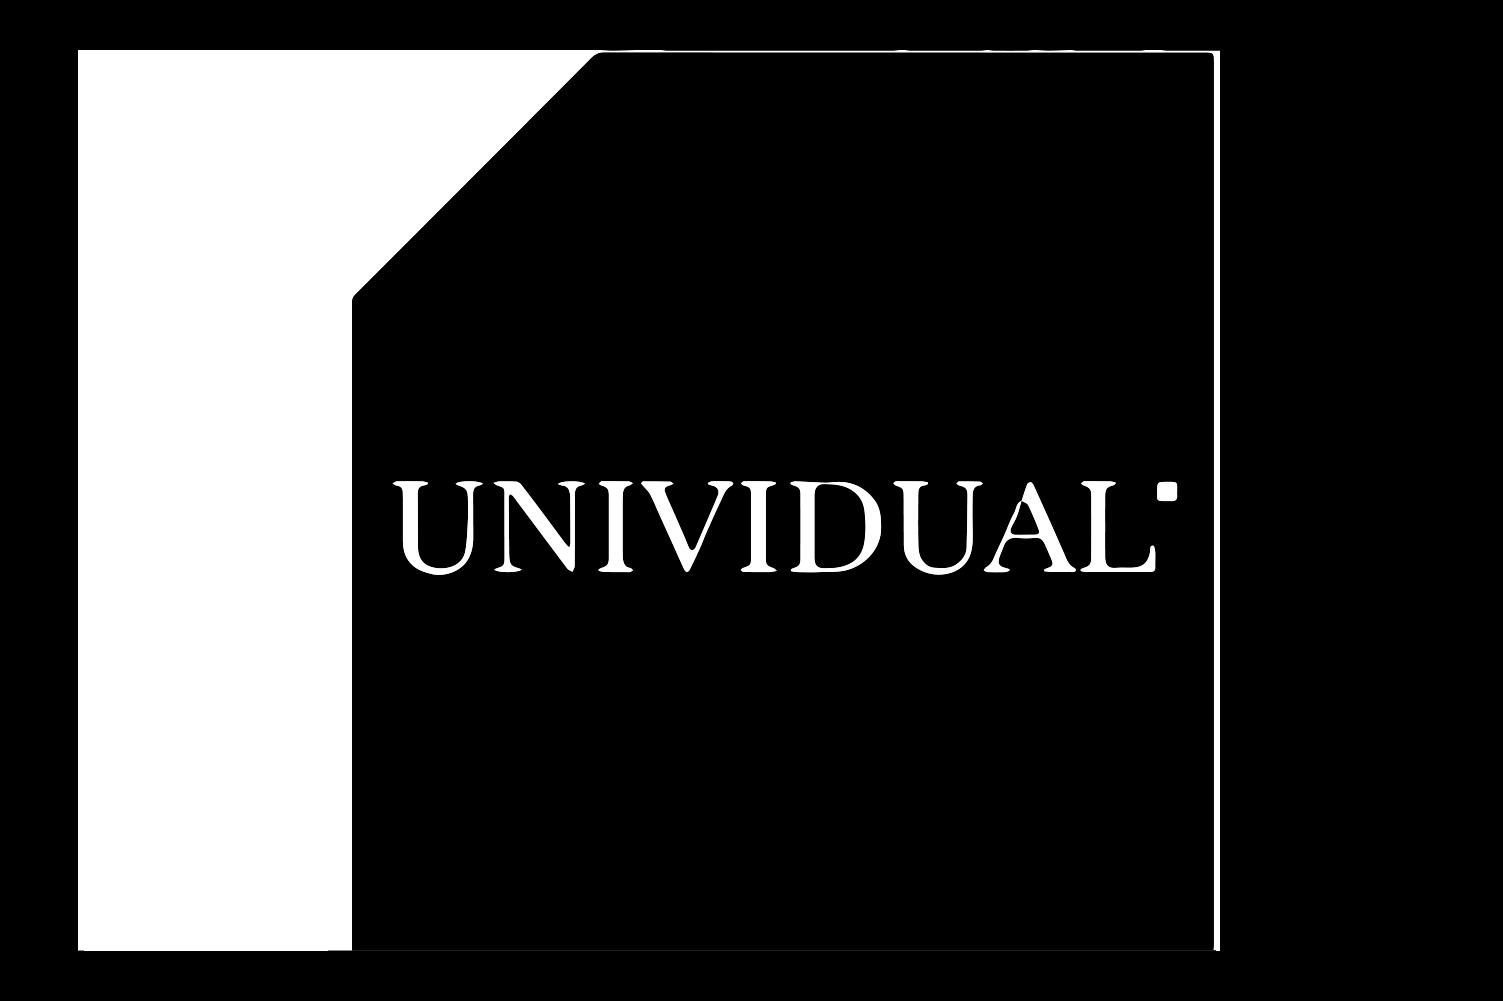 14.Unividual-Black.png